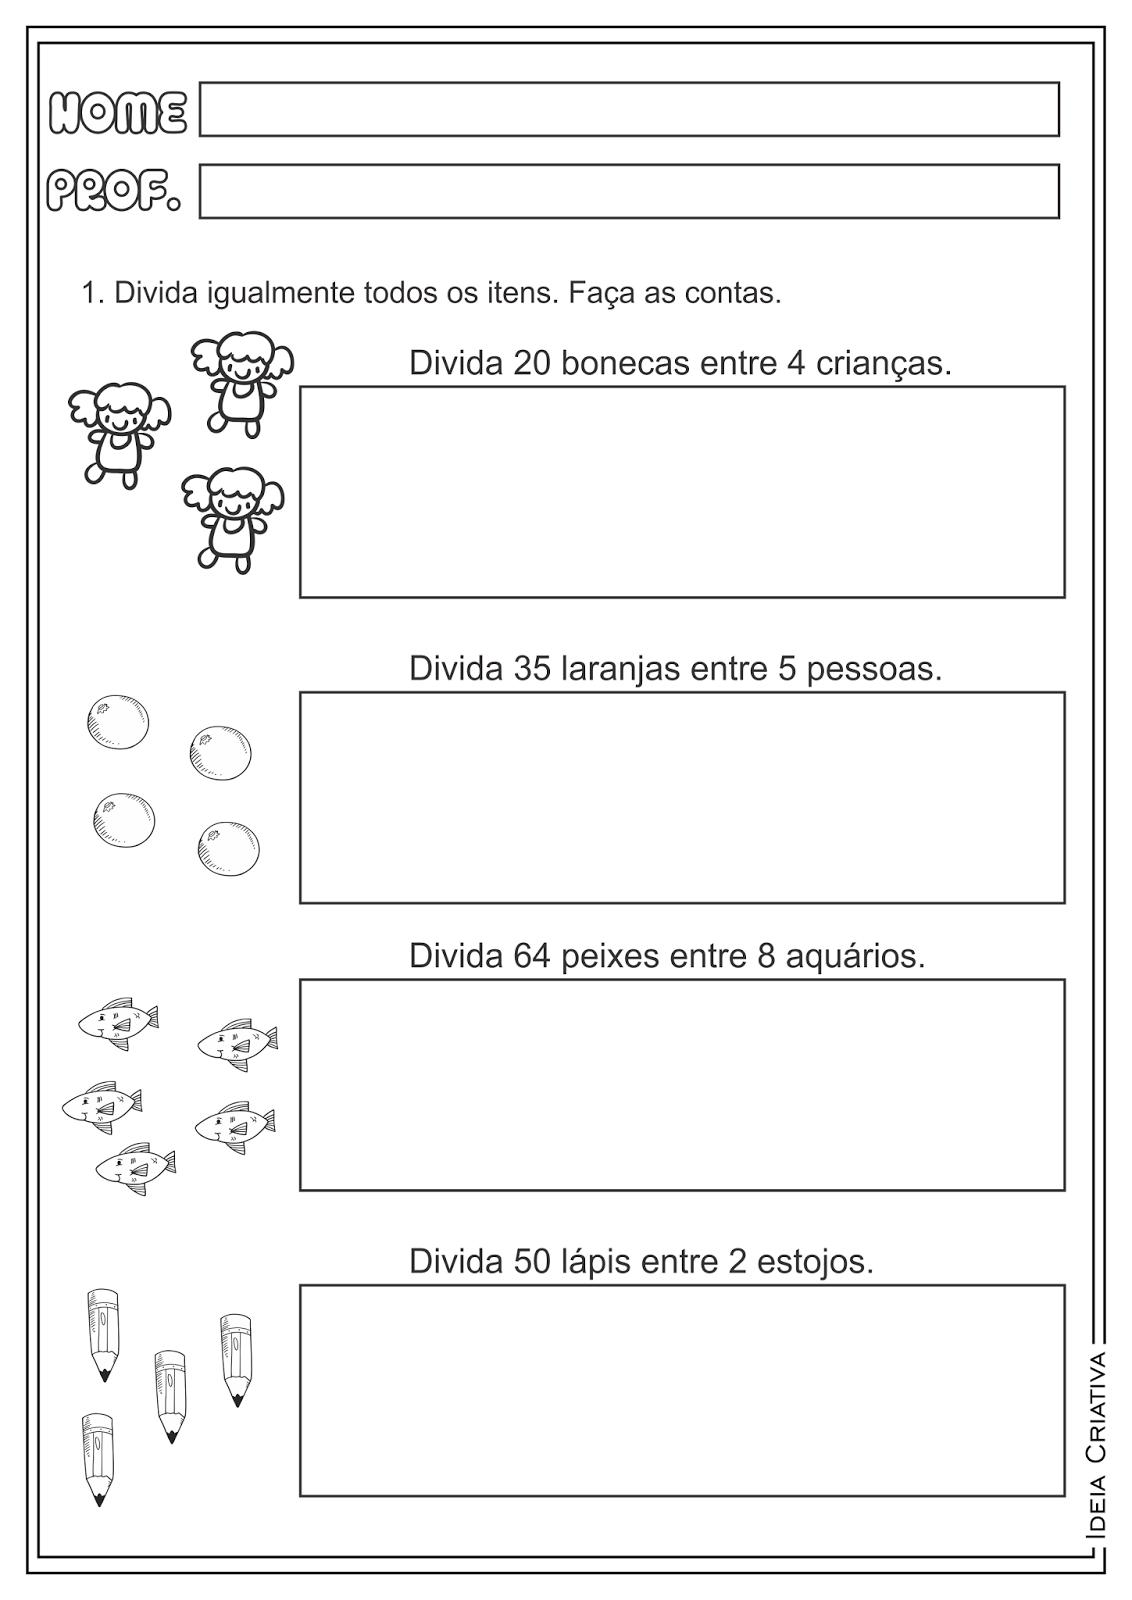 Ensino Fundamental Atividades E Projetos Educacionais Atividades Mat Atividades De Matematica 3ano Exercicios De Matematica Fichas De Exercicios De Matematica